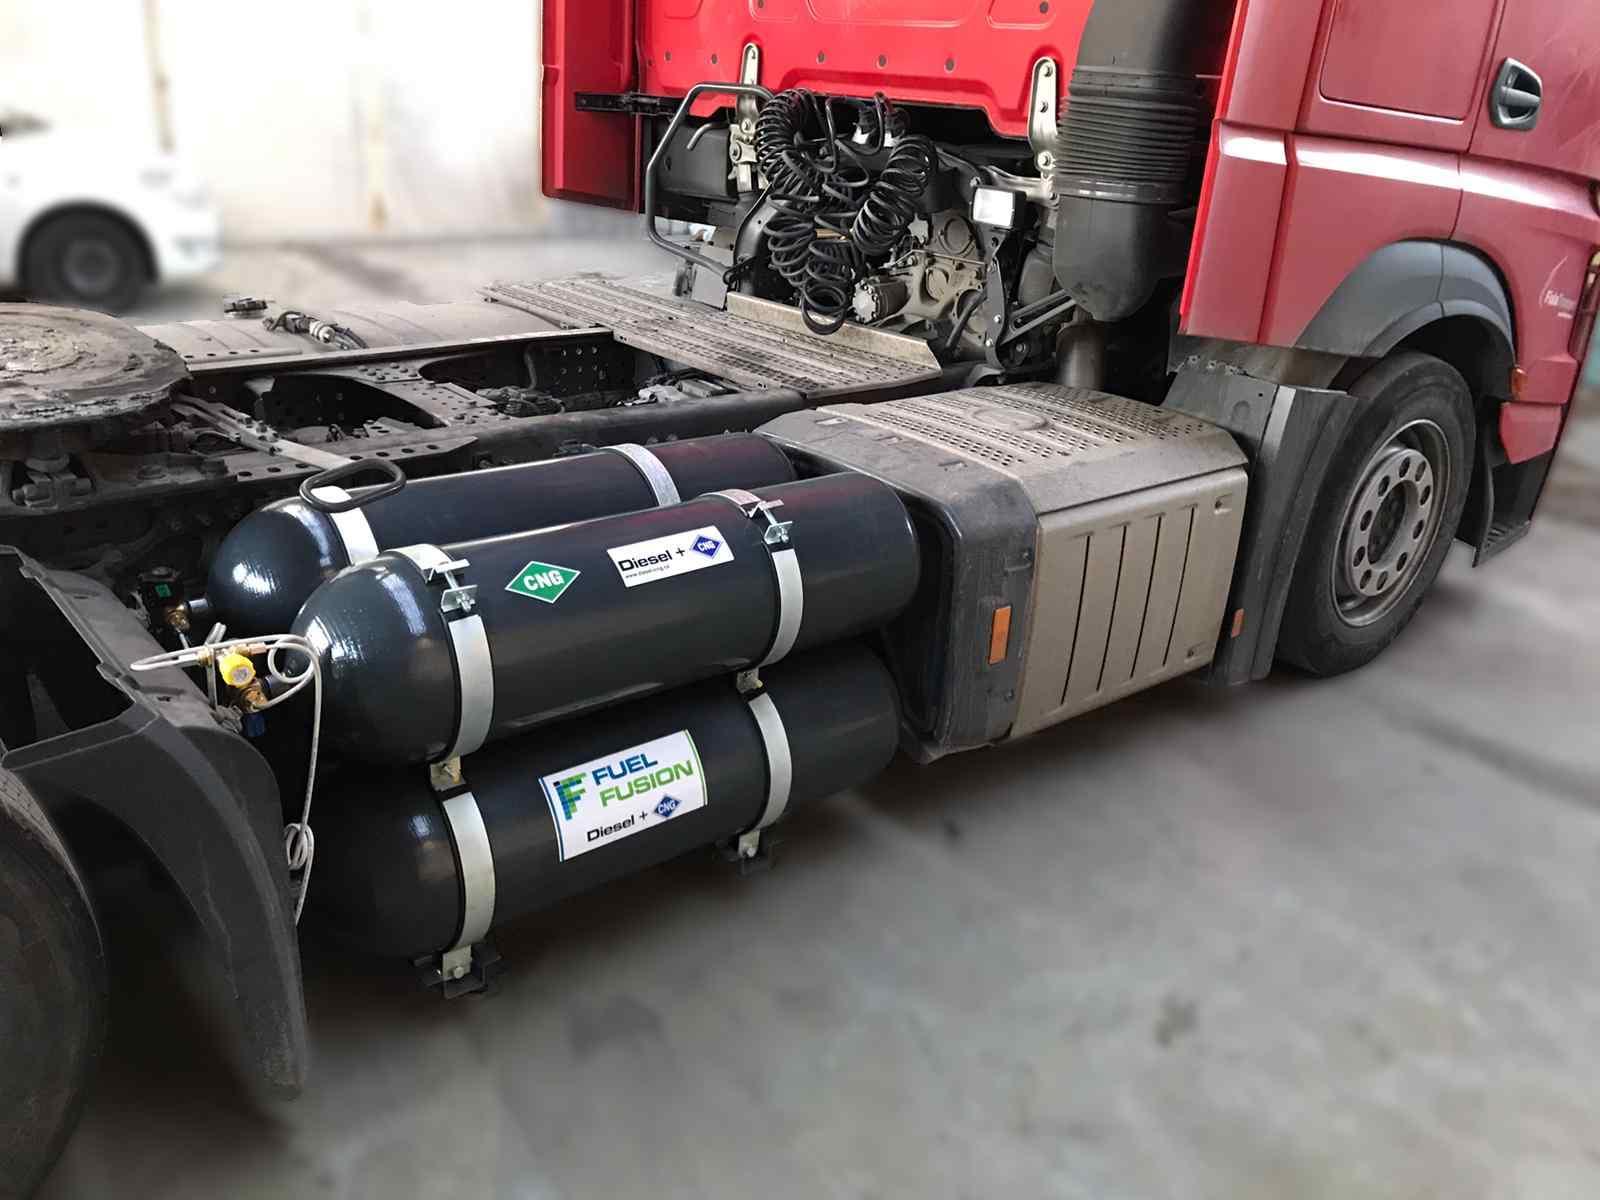 Mýto CZ levněji s Diesel CNG duálním pohonem na všech zpoplatněných komunikacích v České republice